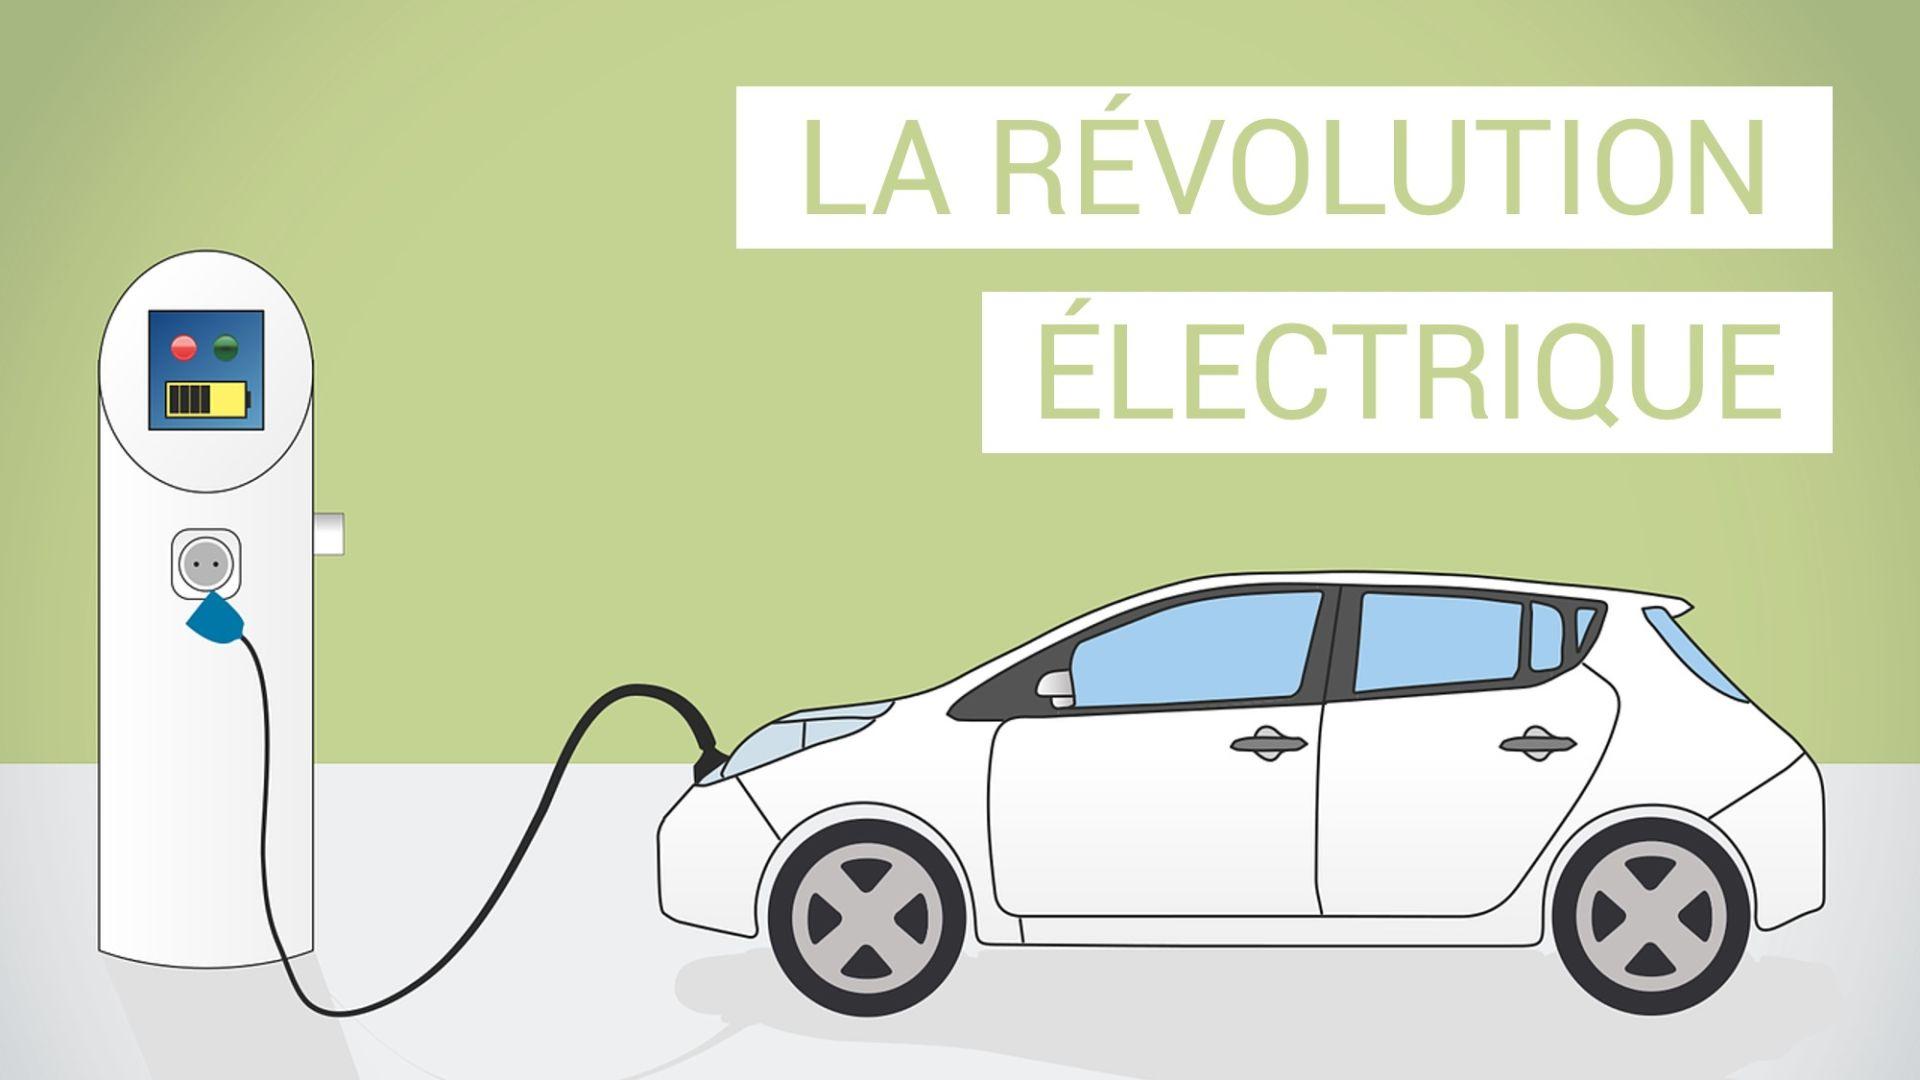 La révolution électrique